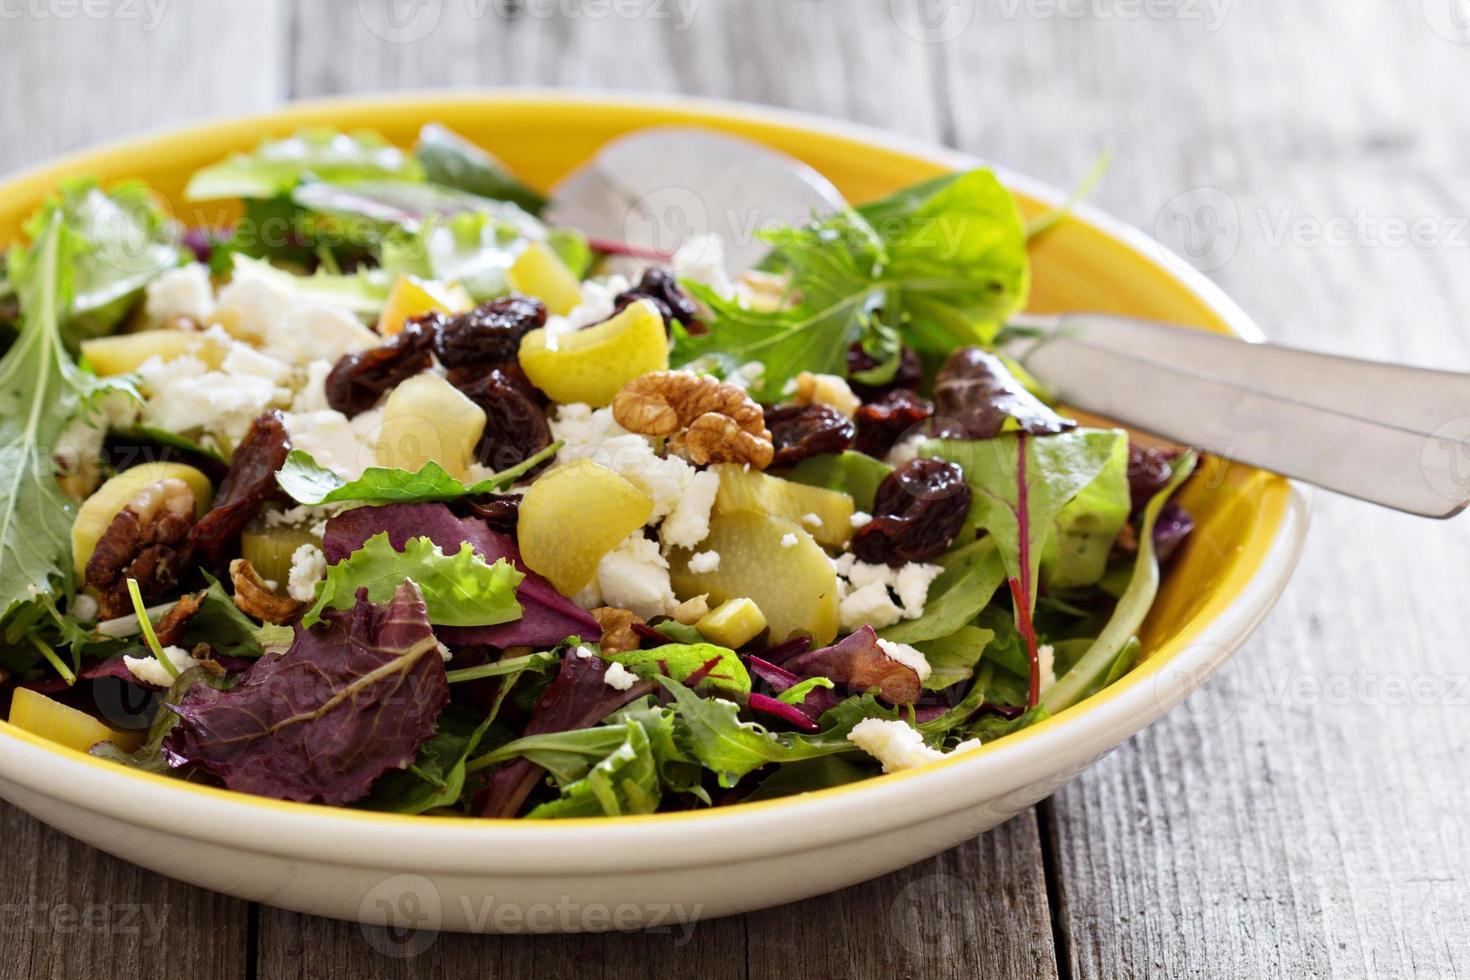 insalata con rabarbaro al forno foto